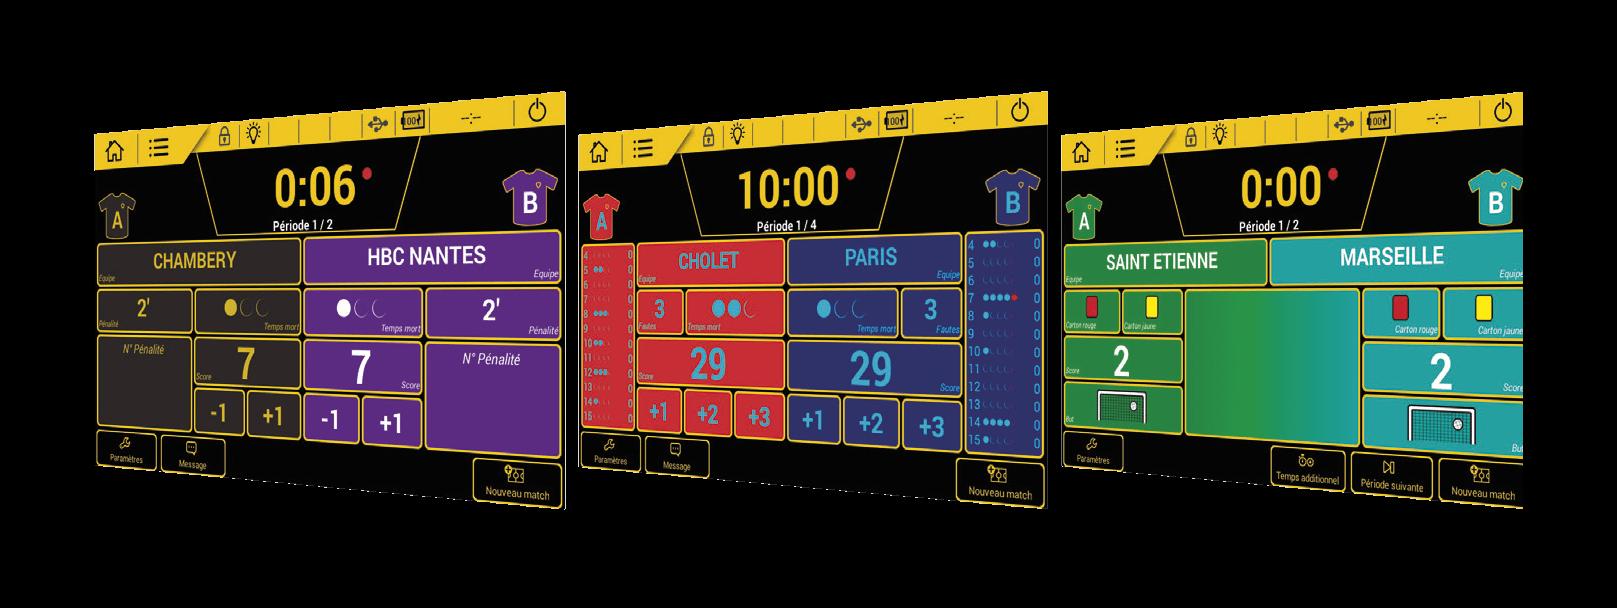 Scorepad - Ultra-customisable